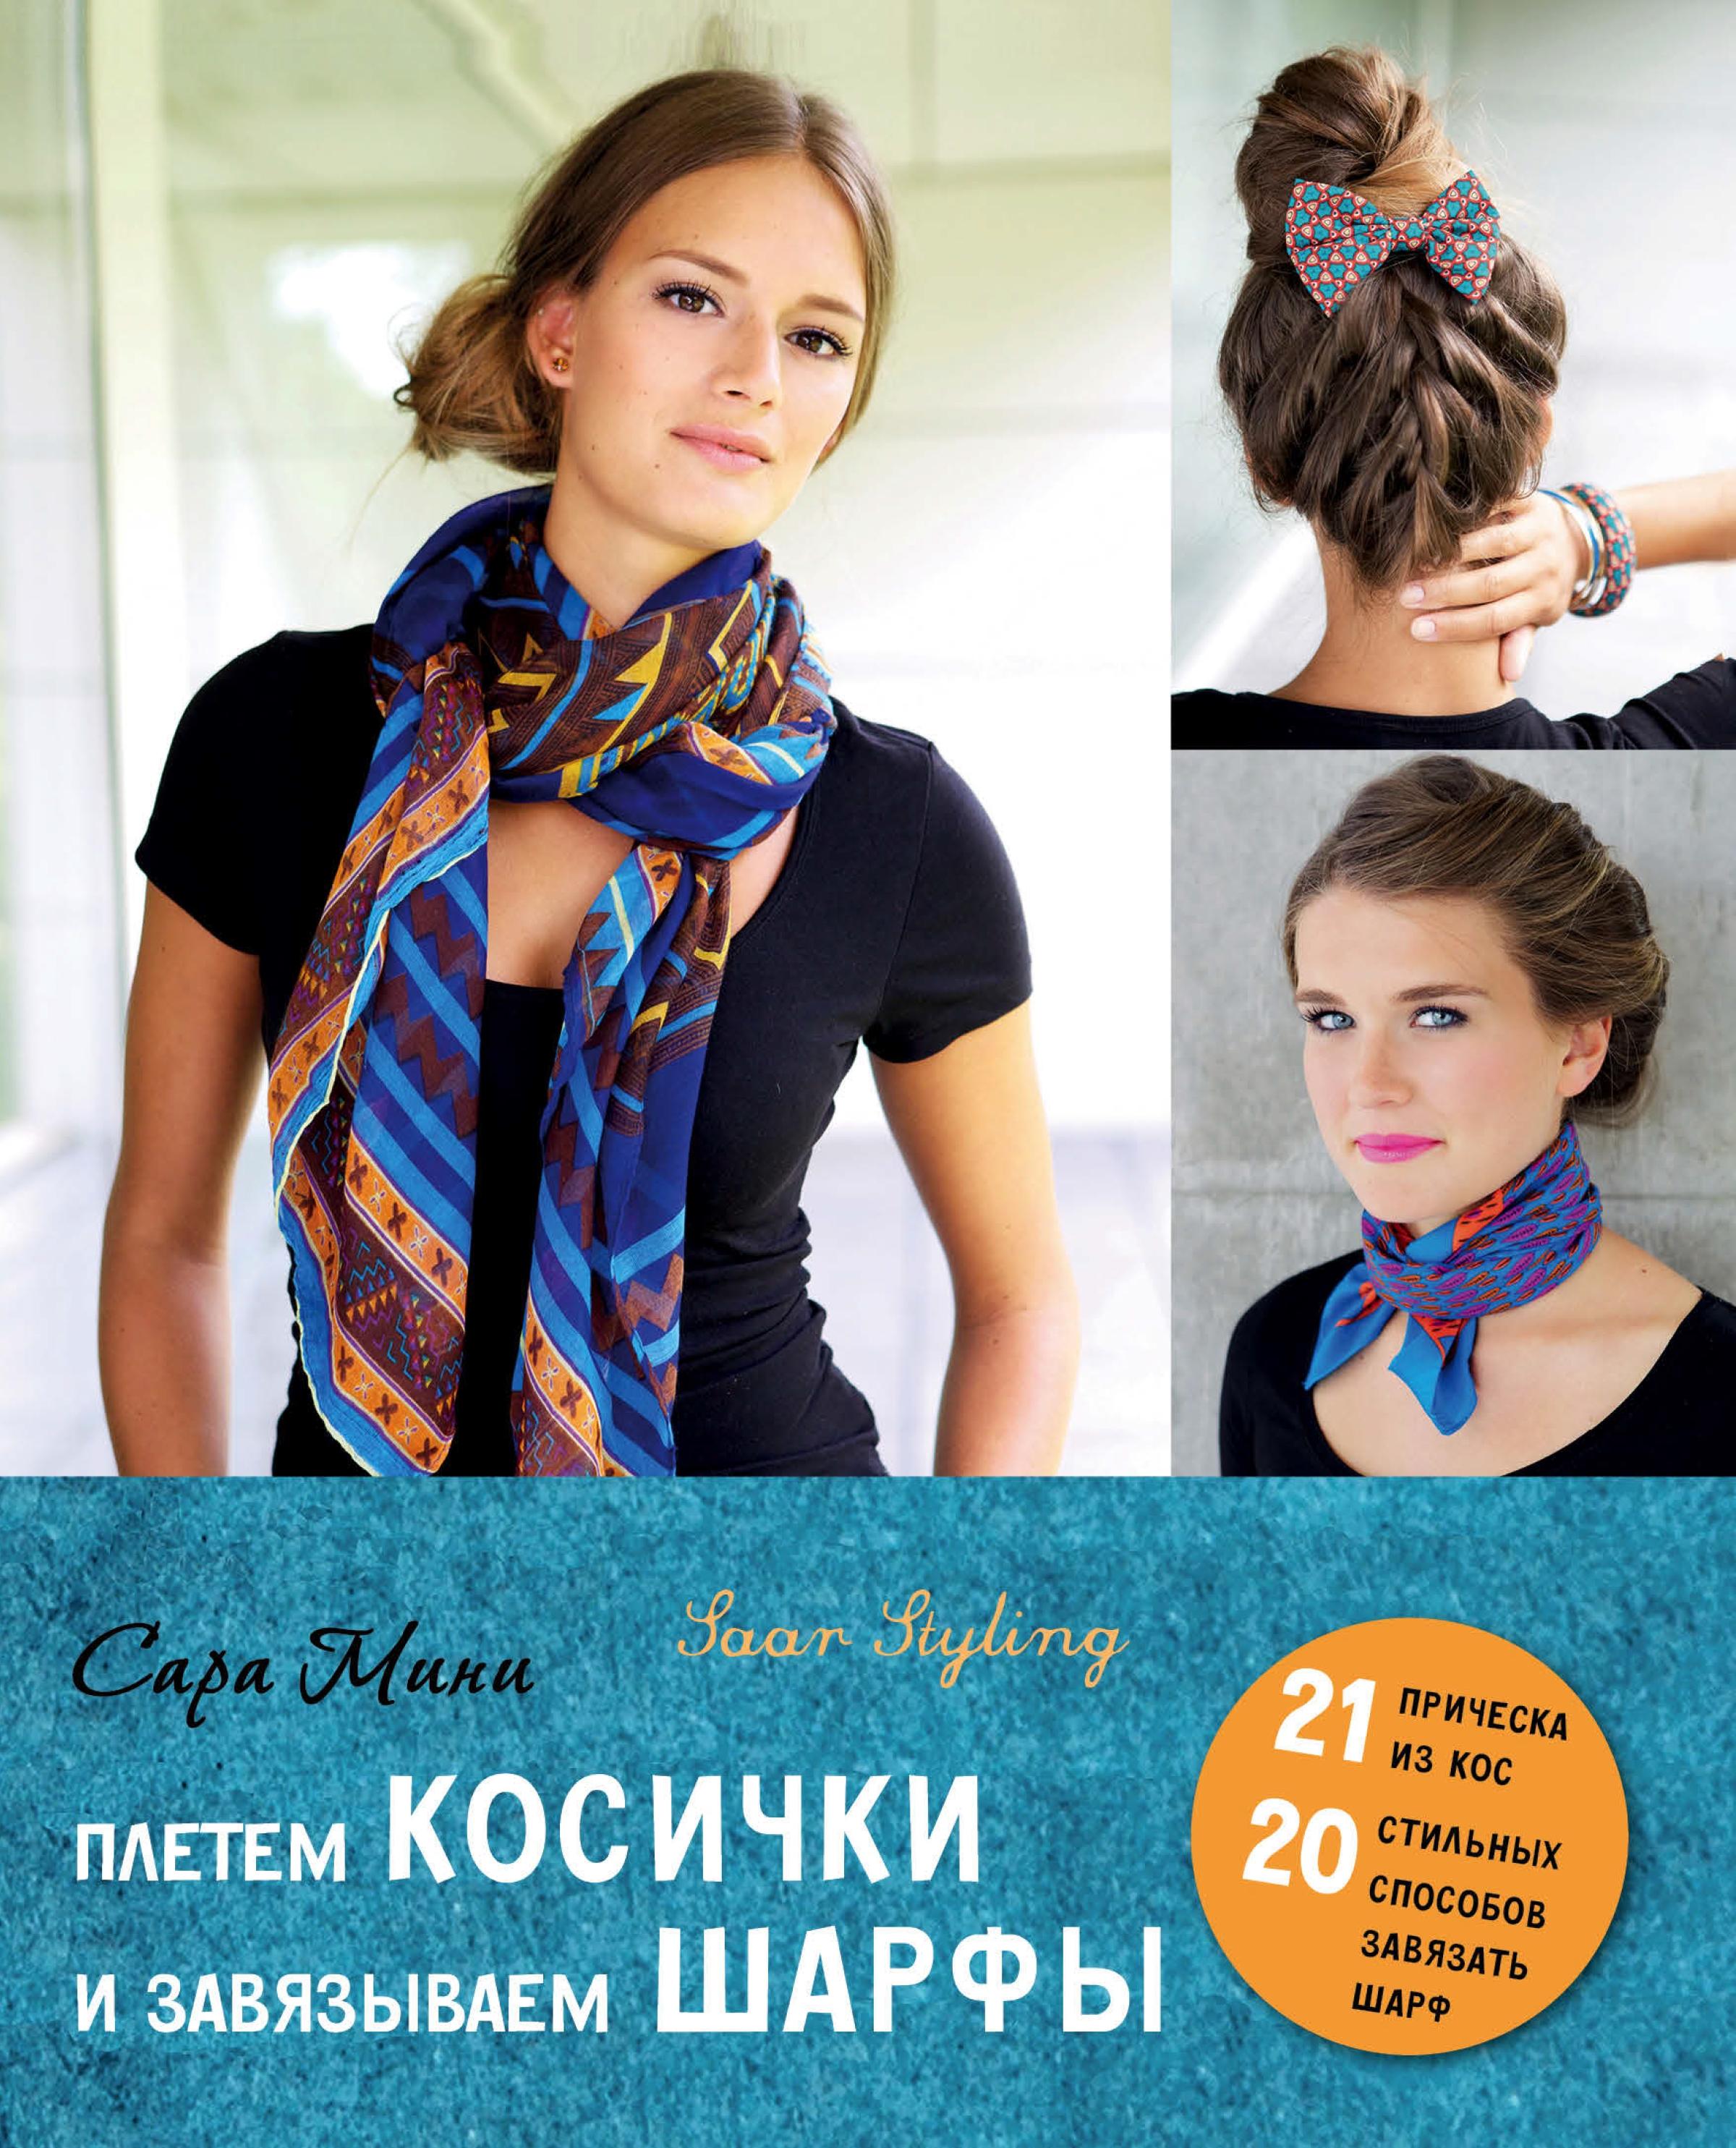 Сара Мини Плетем косички и завязываем шарфы шарфы s oliver шарф